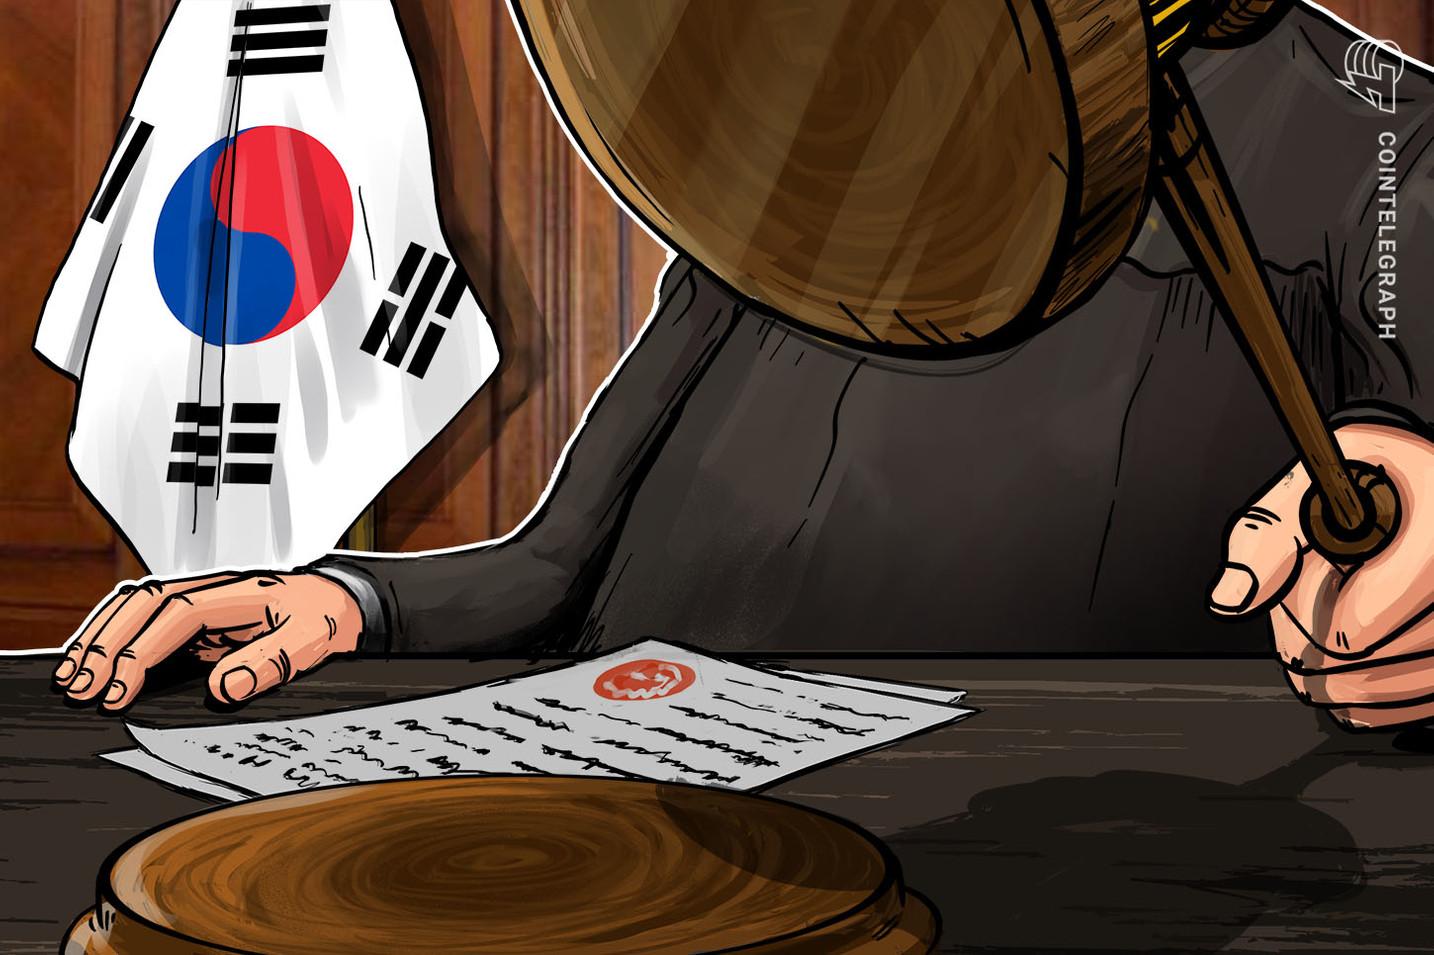 Estafador de criptomonedas condenado por las autoridades de Corea del Sur